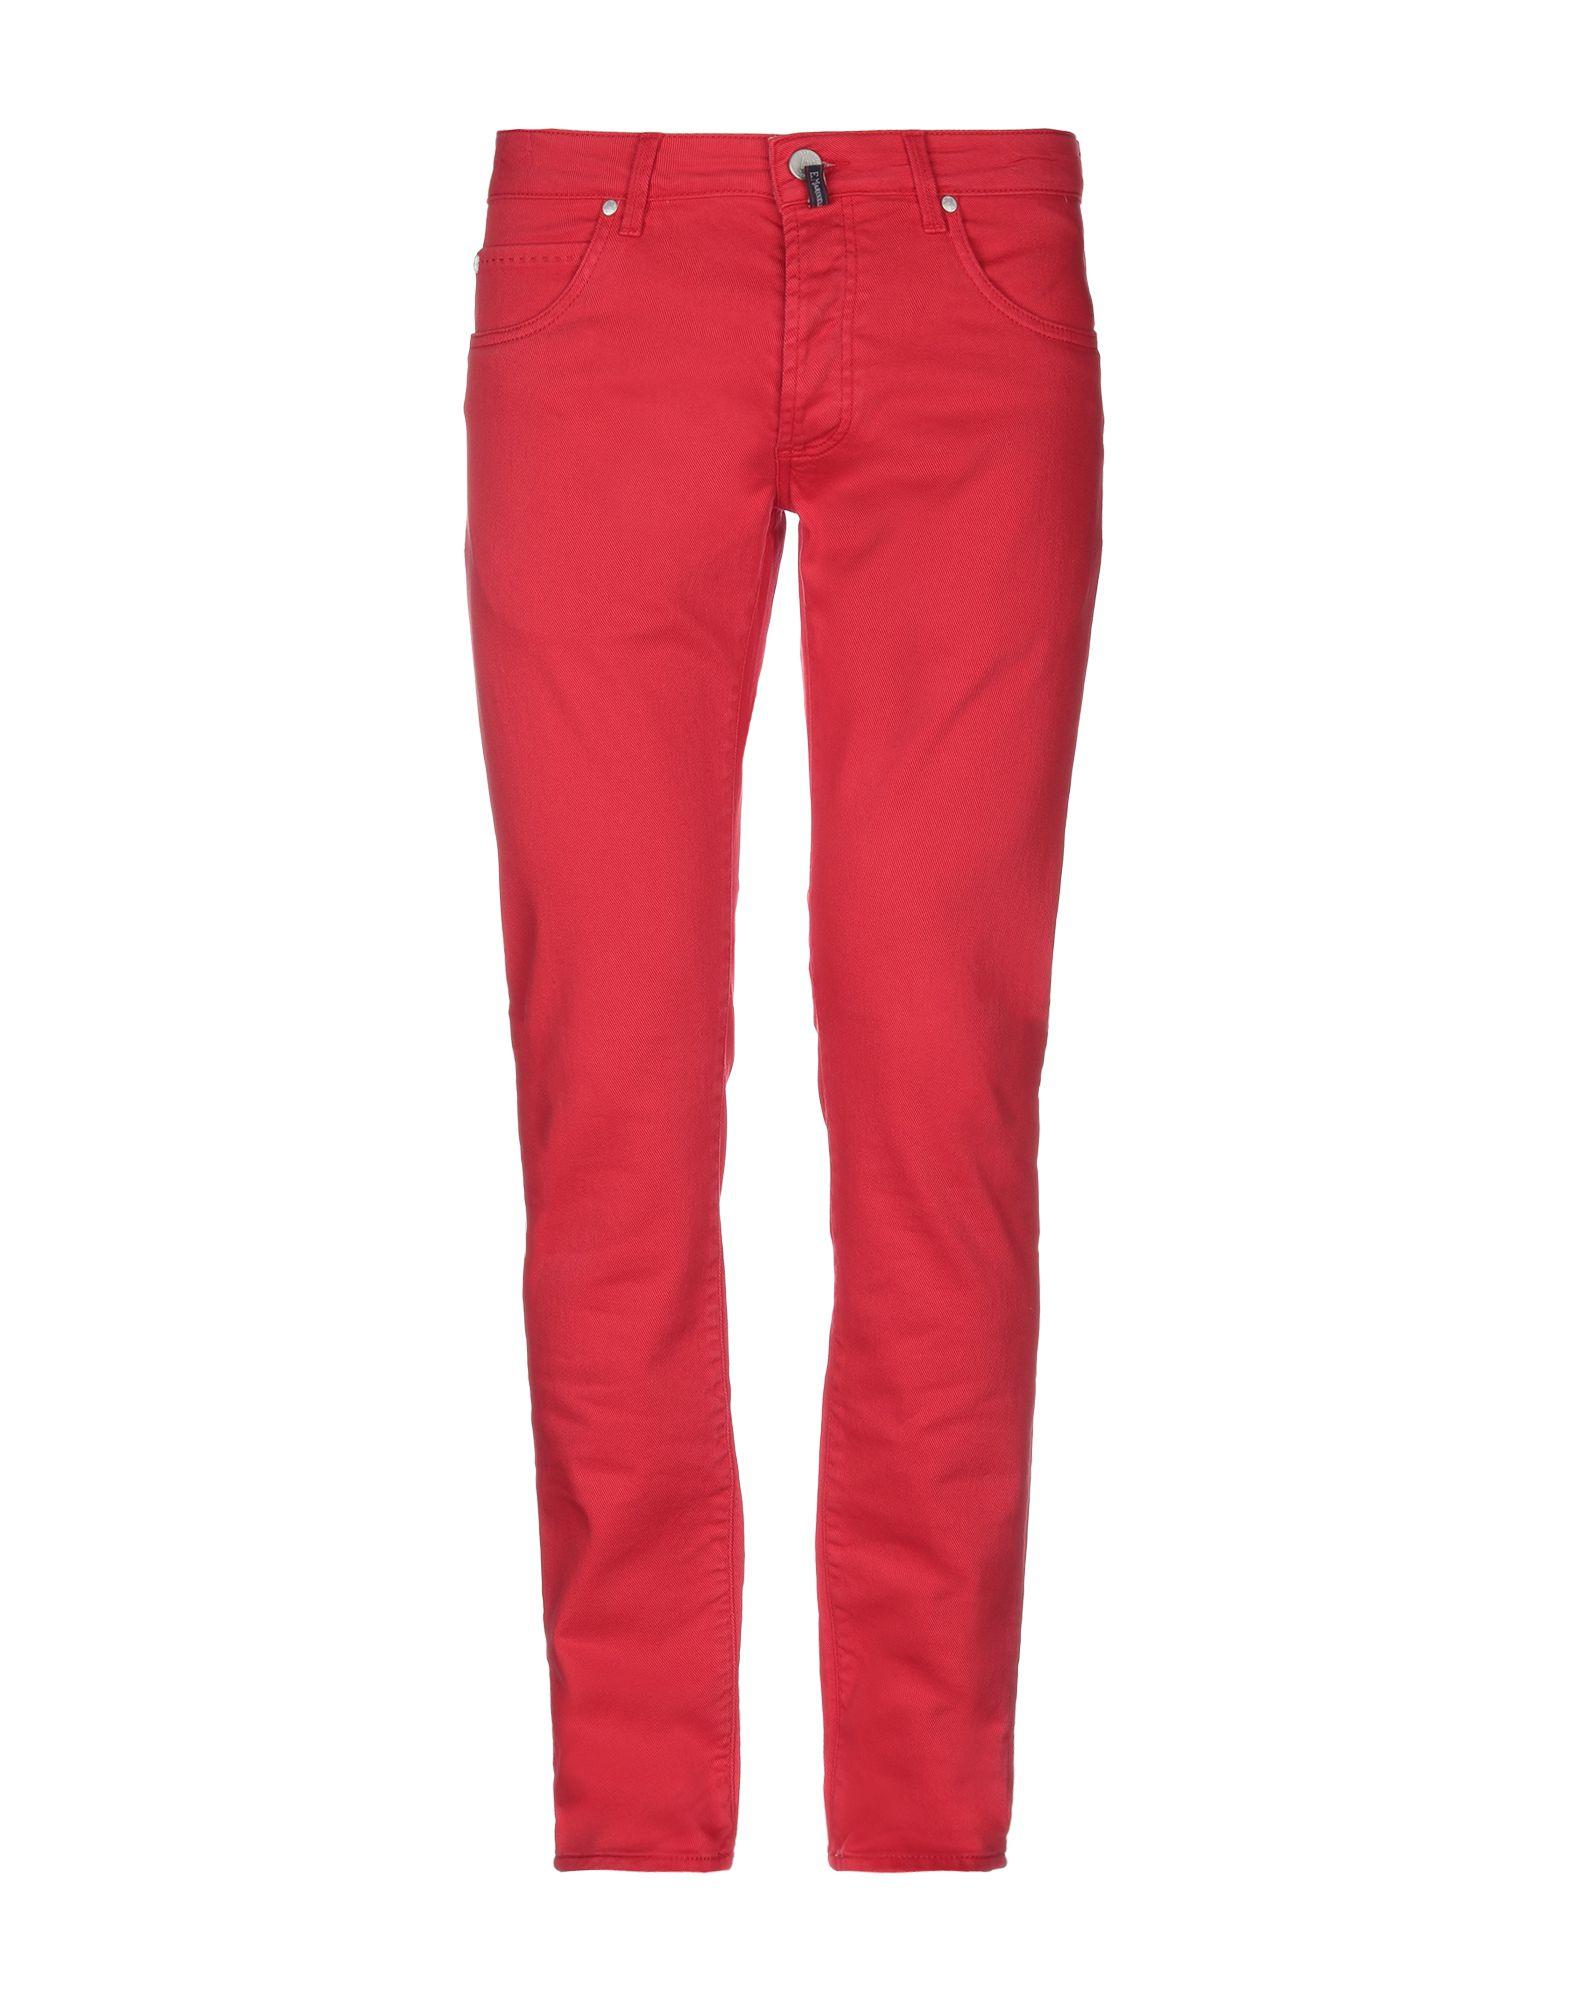 《セール開催中》E.MARINELLA メンズ パンツ レッド 31 コットン 98% / ポリウレタン 2%